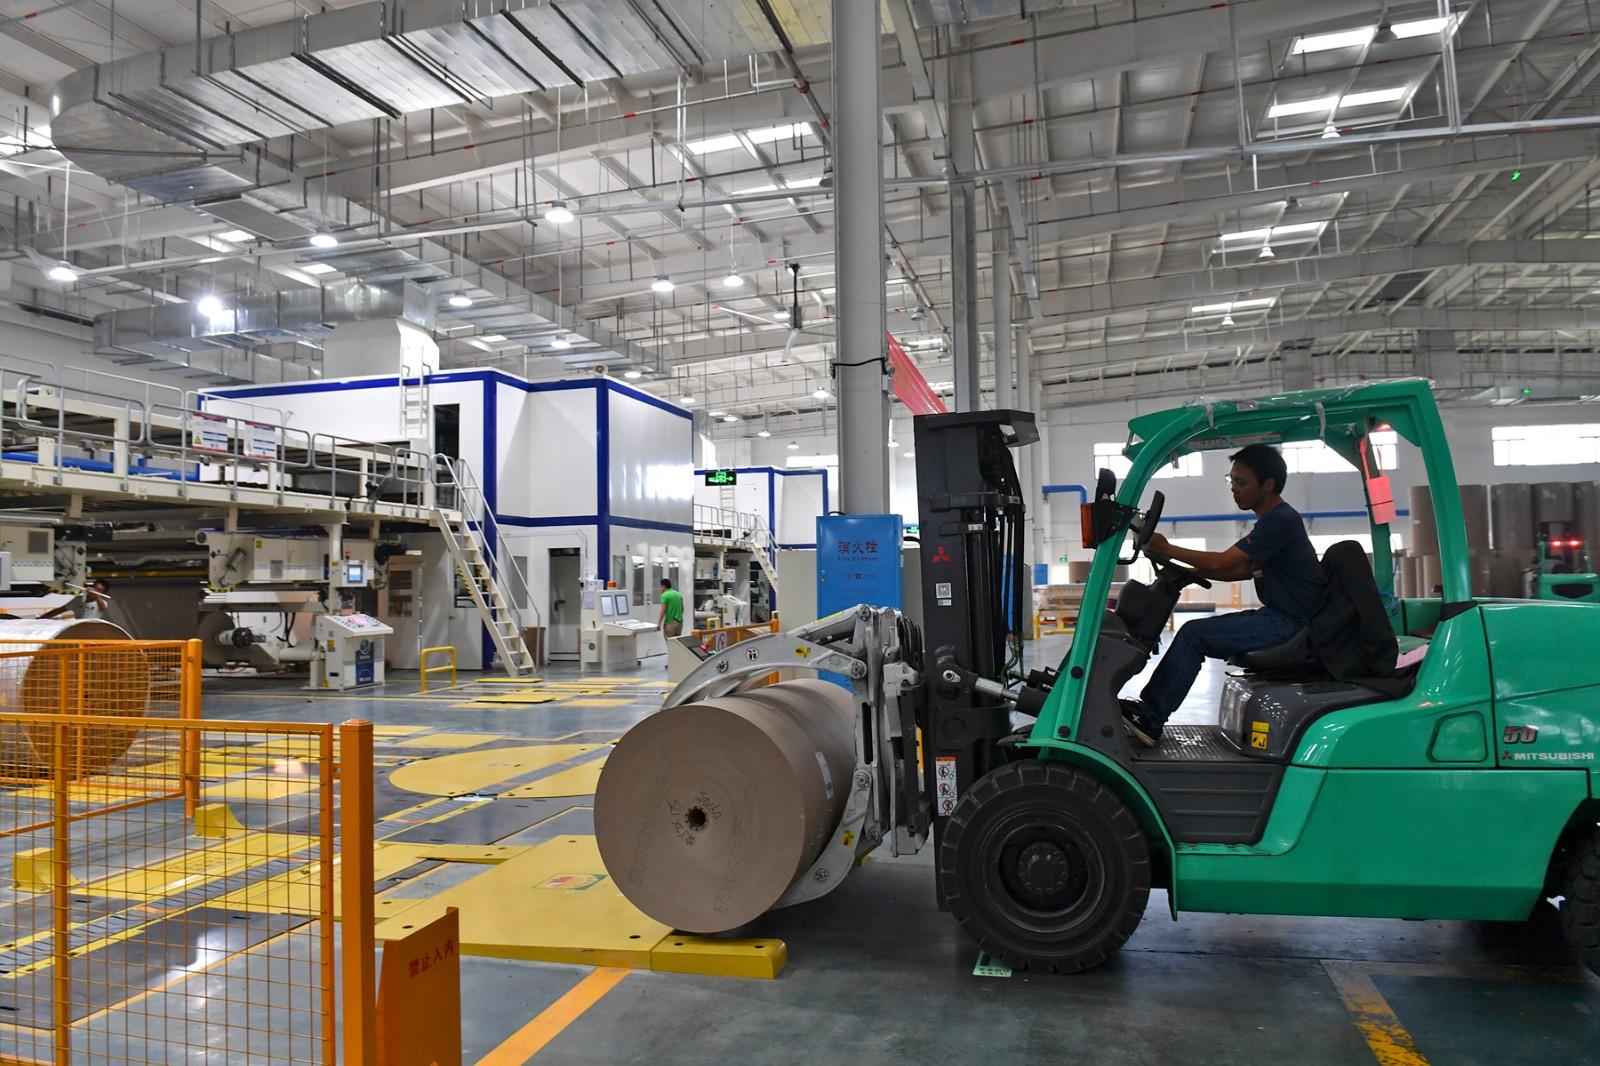 """2吨重的纸卷自己送上门 长沙这座""""黑灯工厂""""把生产交给了机器"""